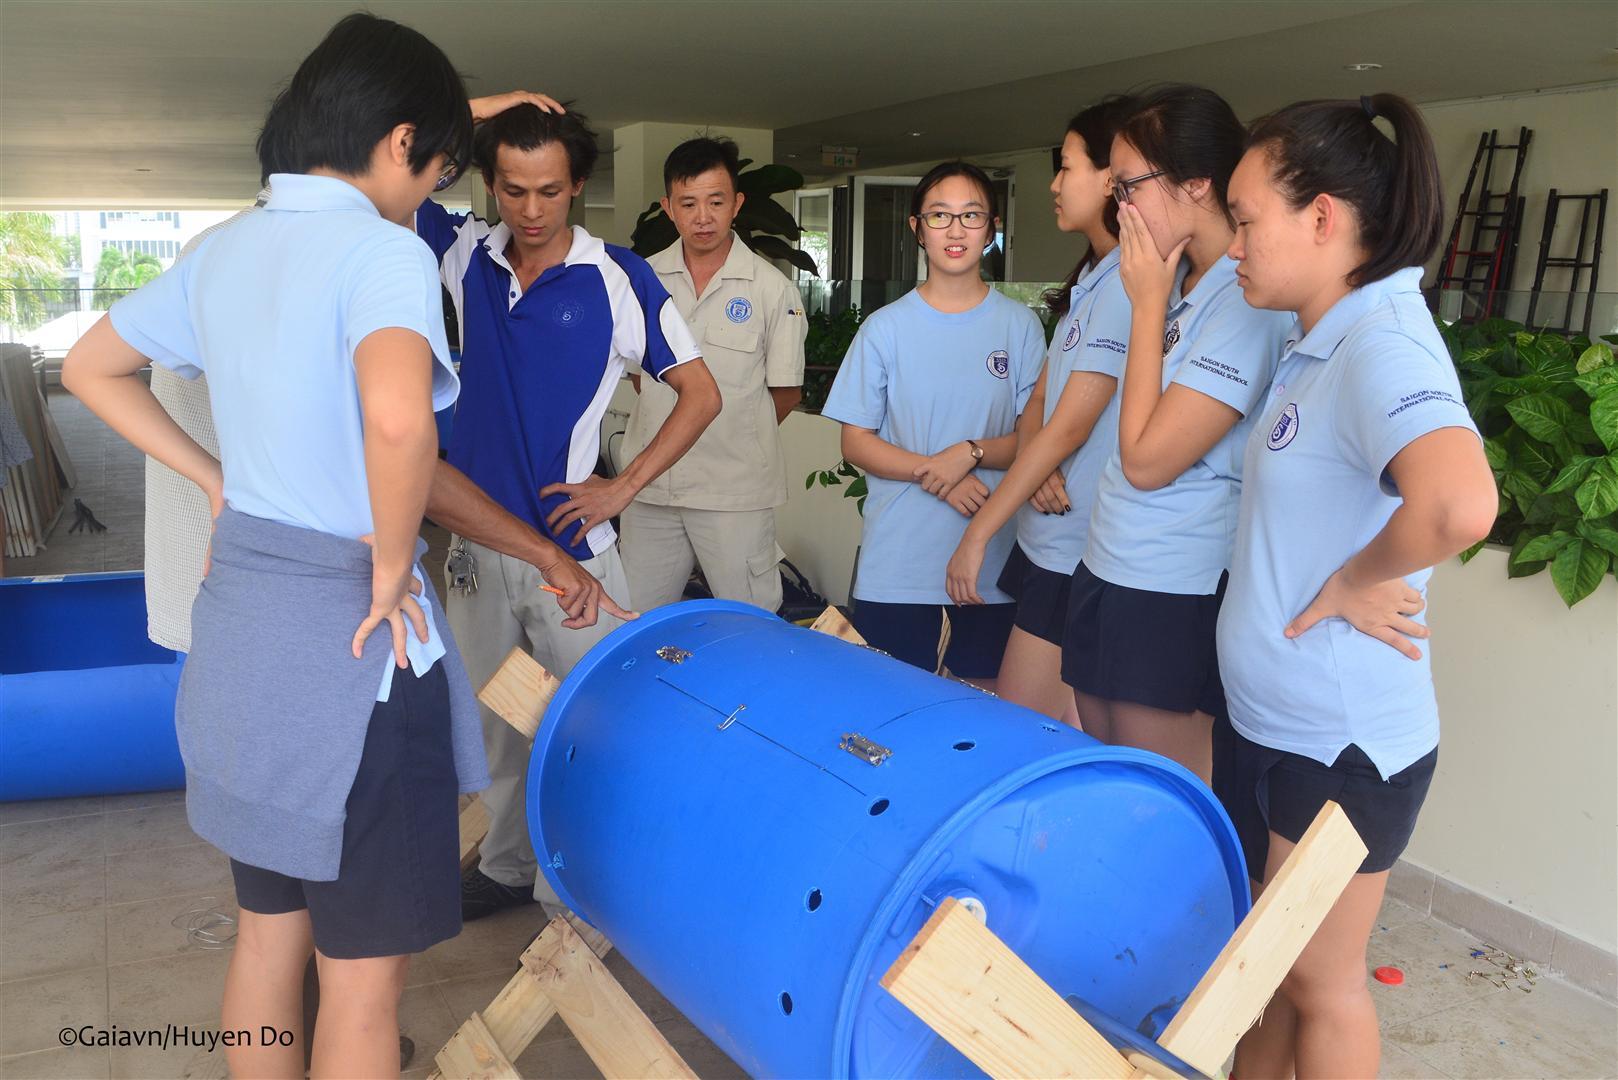 Học sinh trường Quốc tế Nam Sài Gòn đang nghe hướng dẫn chế tạo thùng compost